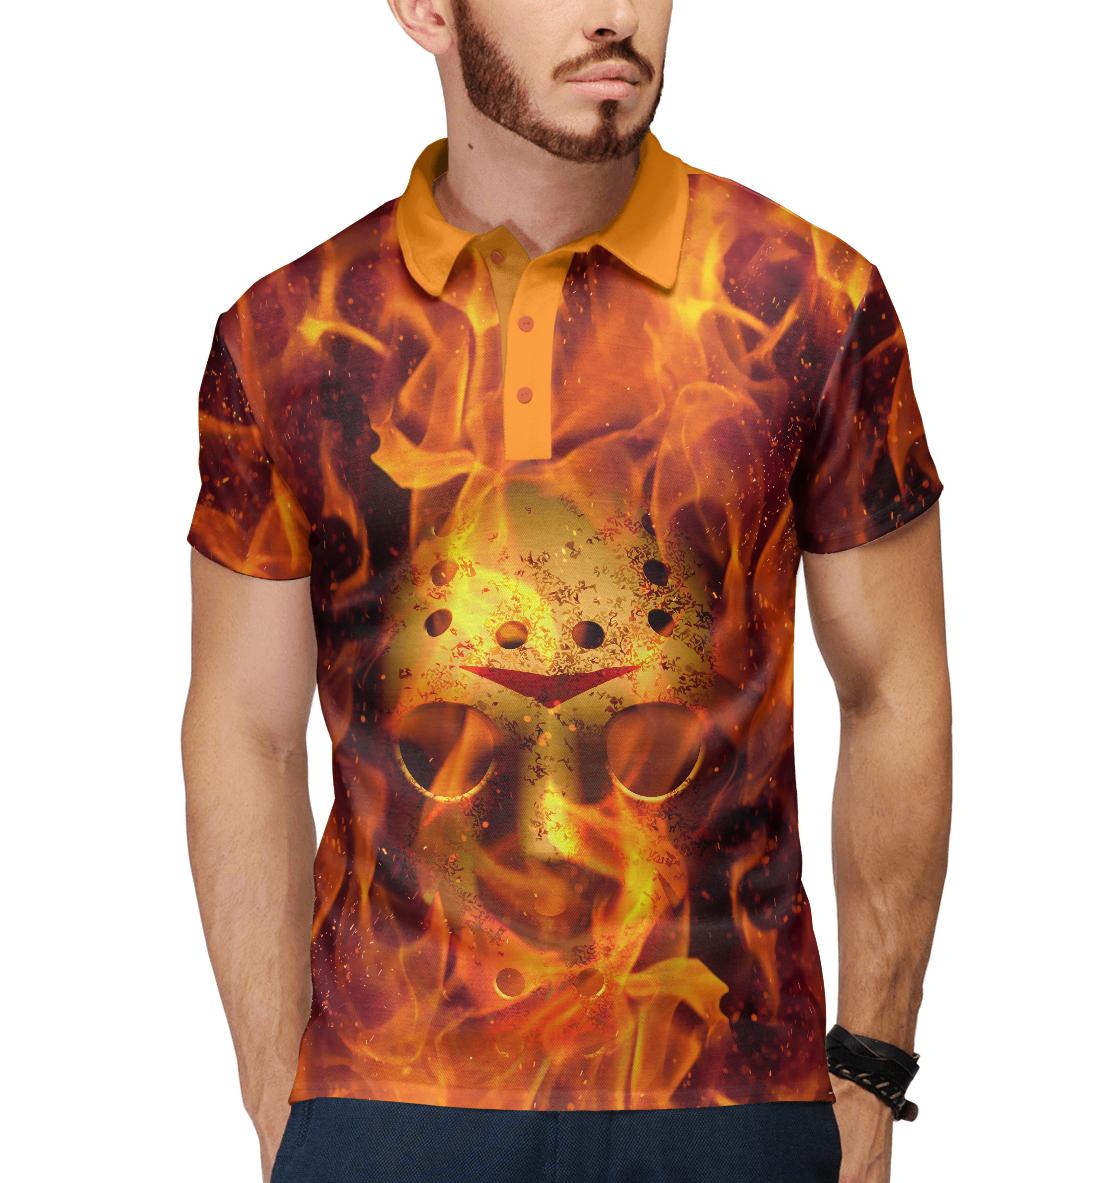 Купить Джейсон в огне, Printbar, Поло, HOR-916425-pol-2